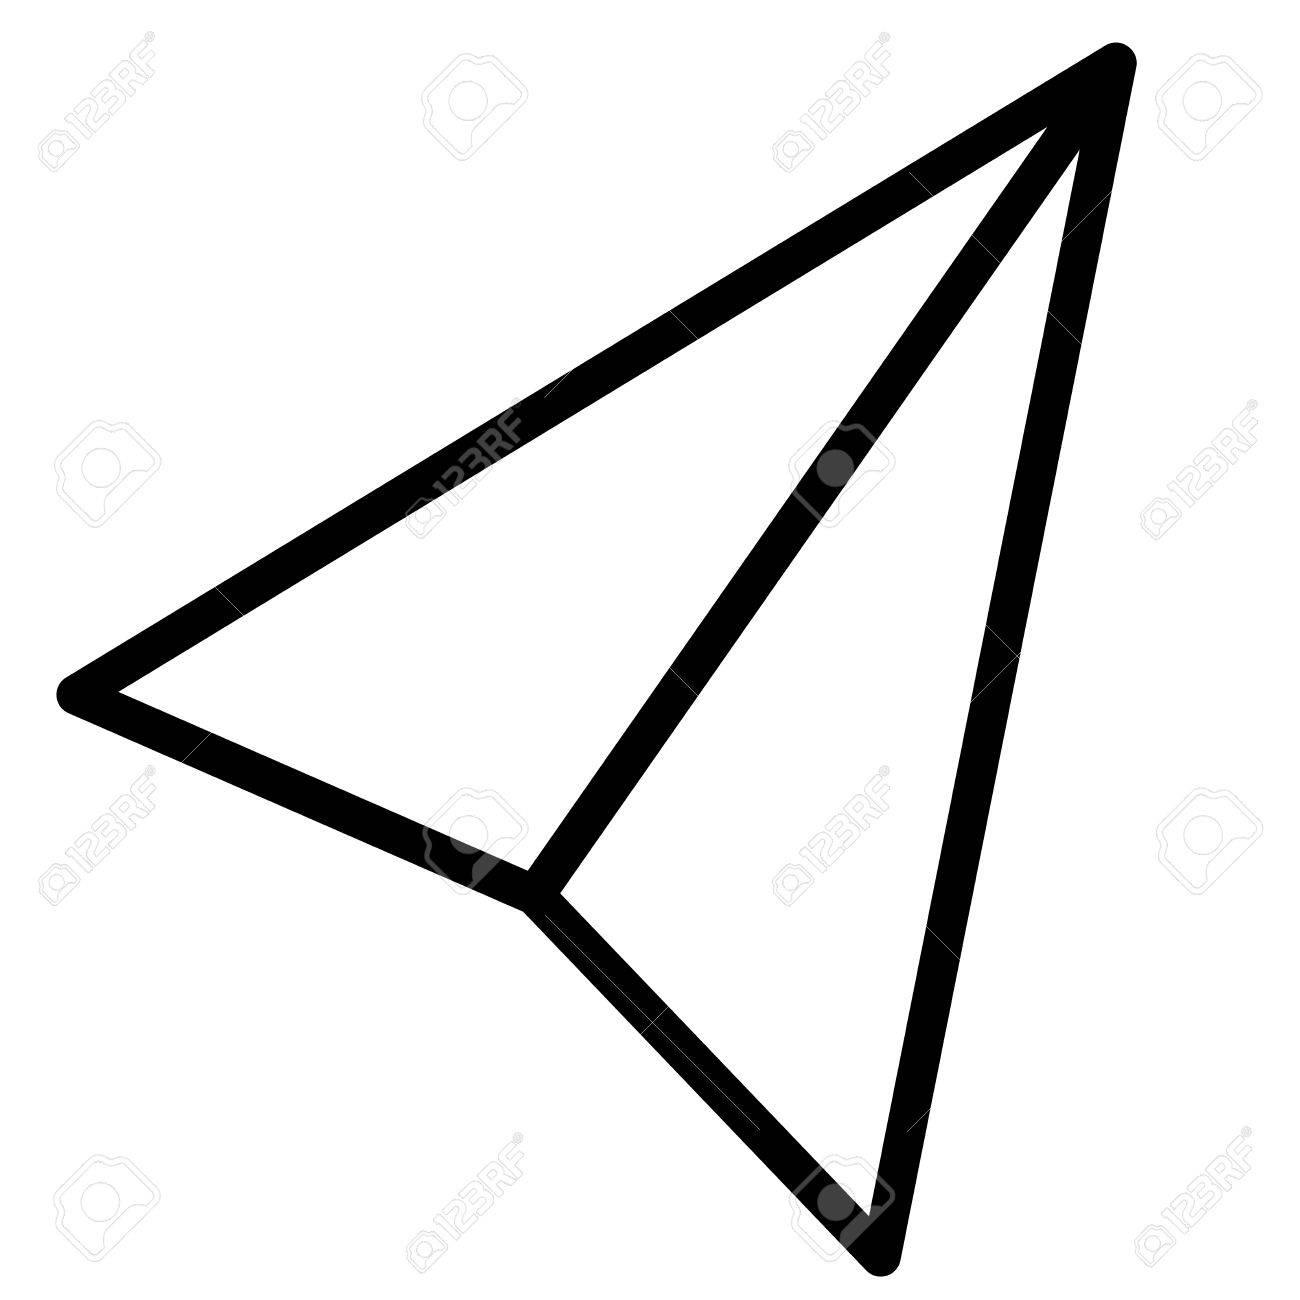 紙 飛行機 イラスト